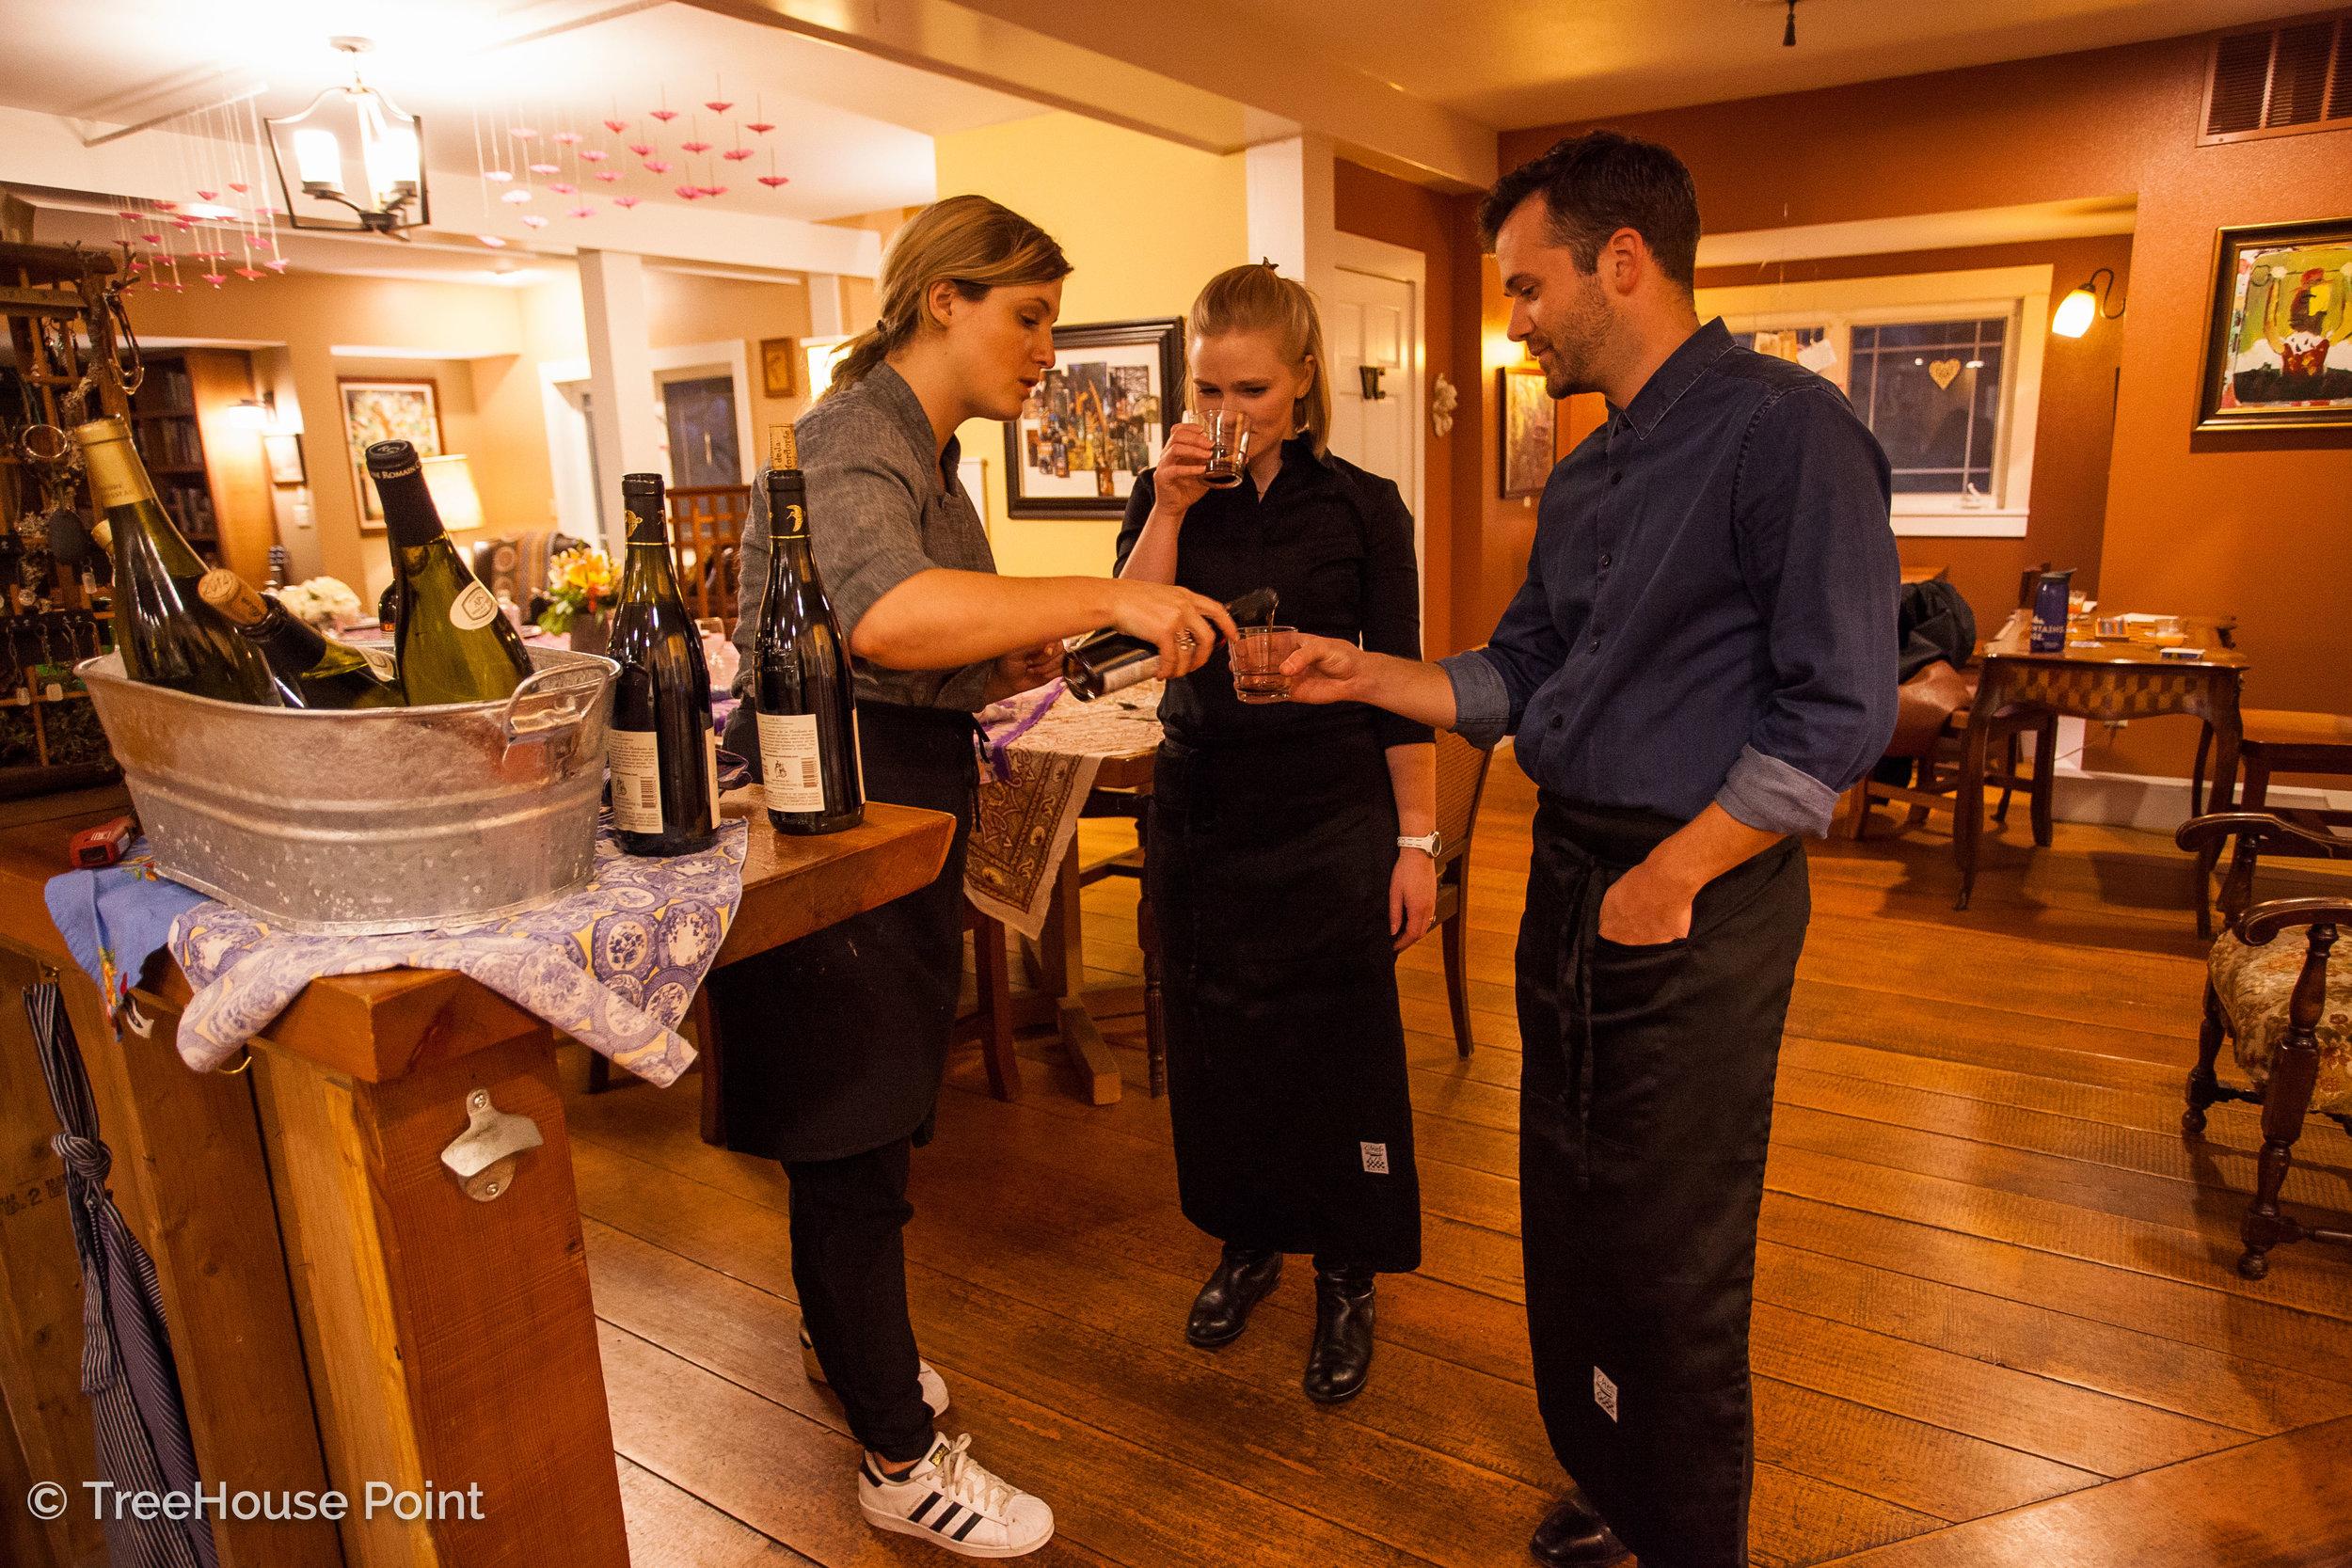 sampling wine Pairings for the menu.